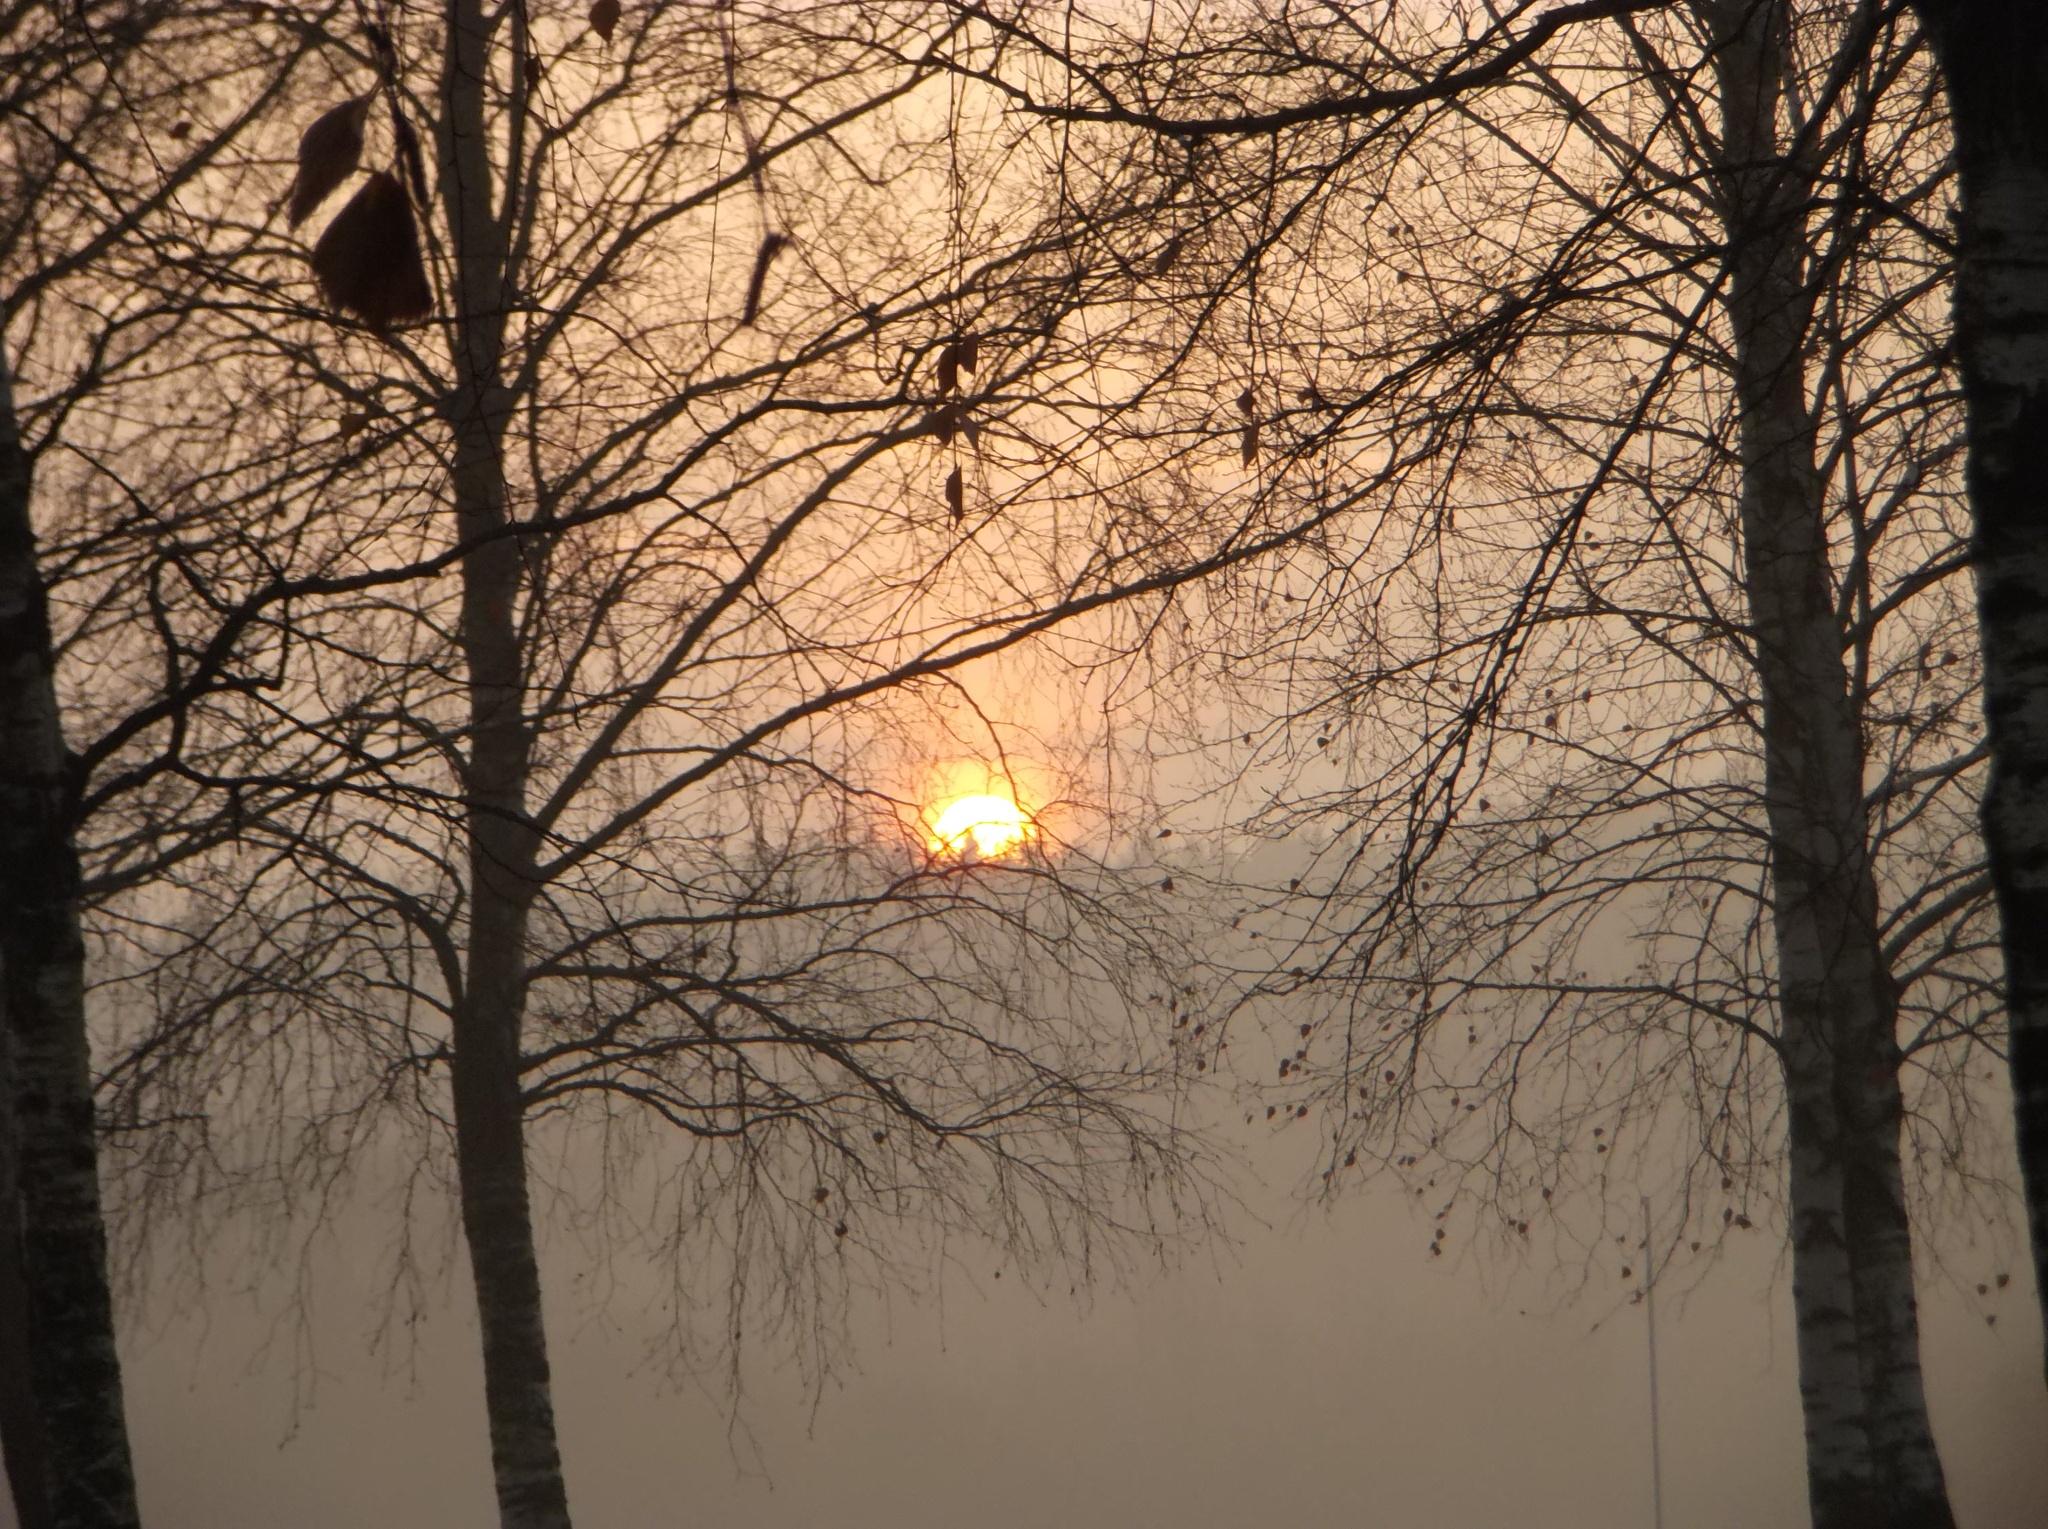 Sunrise by uzkuraitiene62